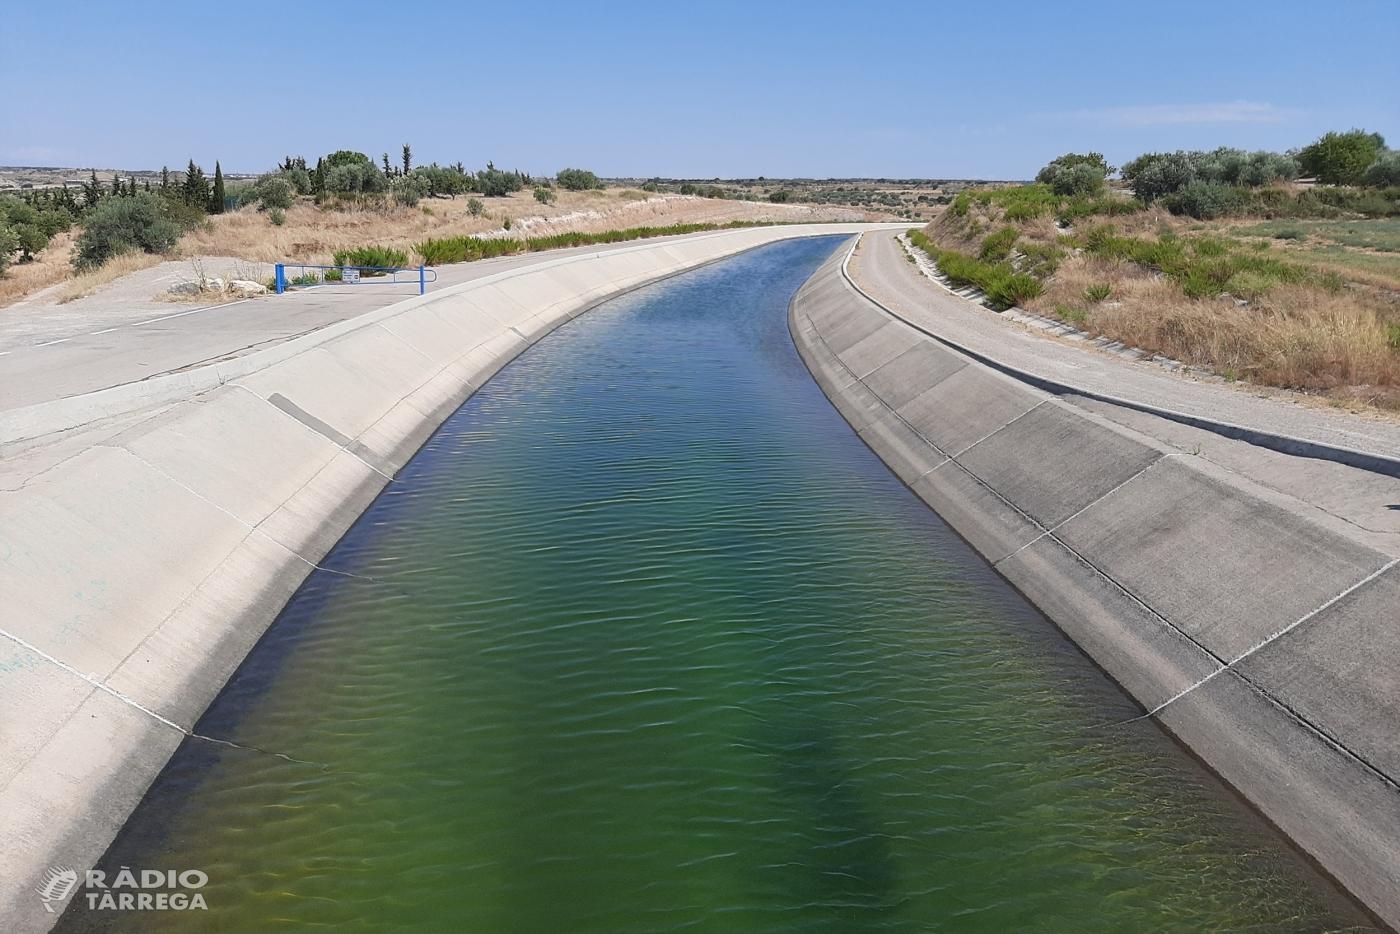 L'Ajuntament de Tàrrega aprova un conveni amb la Diputació de Lleida per impulsar el creixement econòmic a través del Canal Segarra – Garrigues